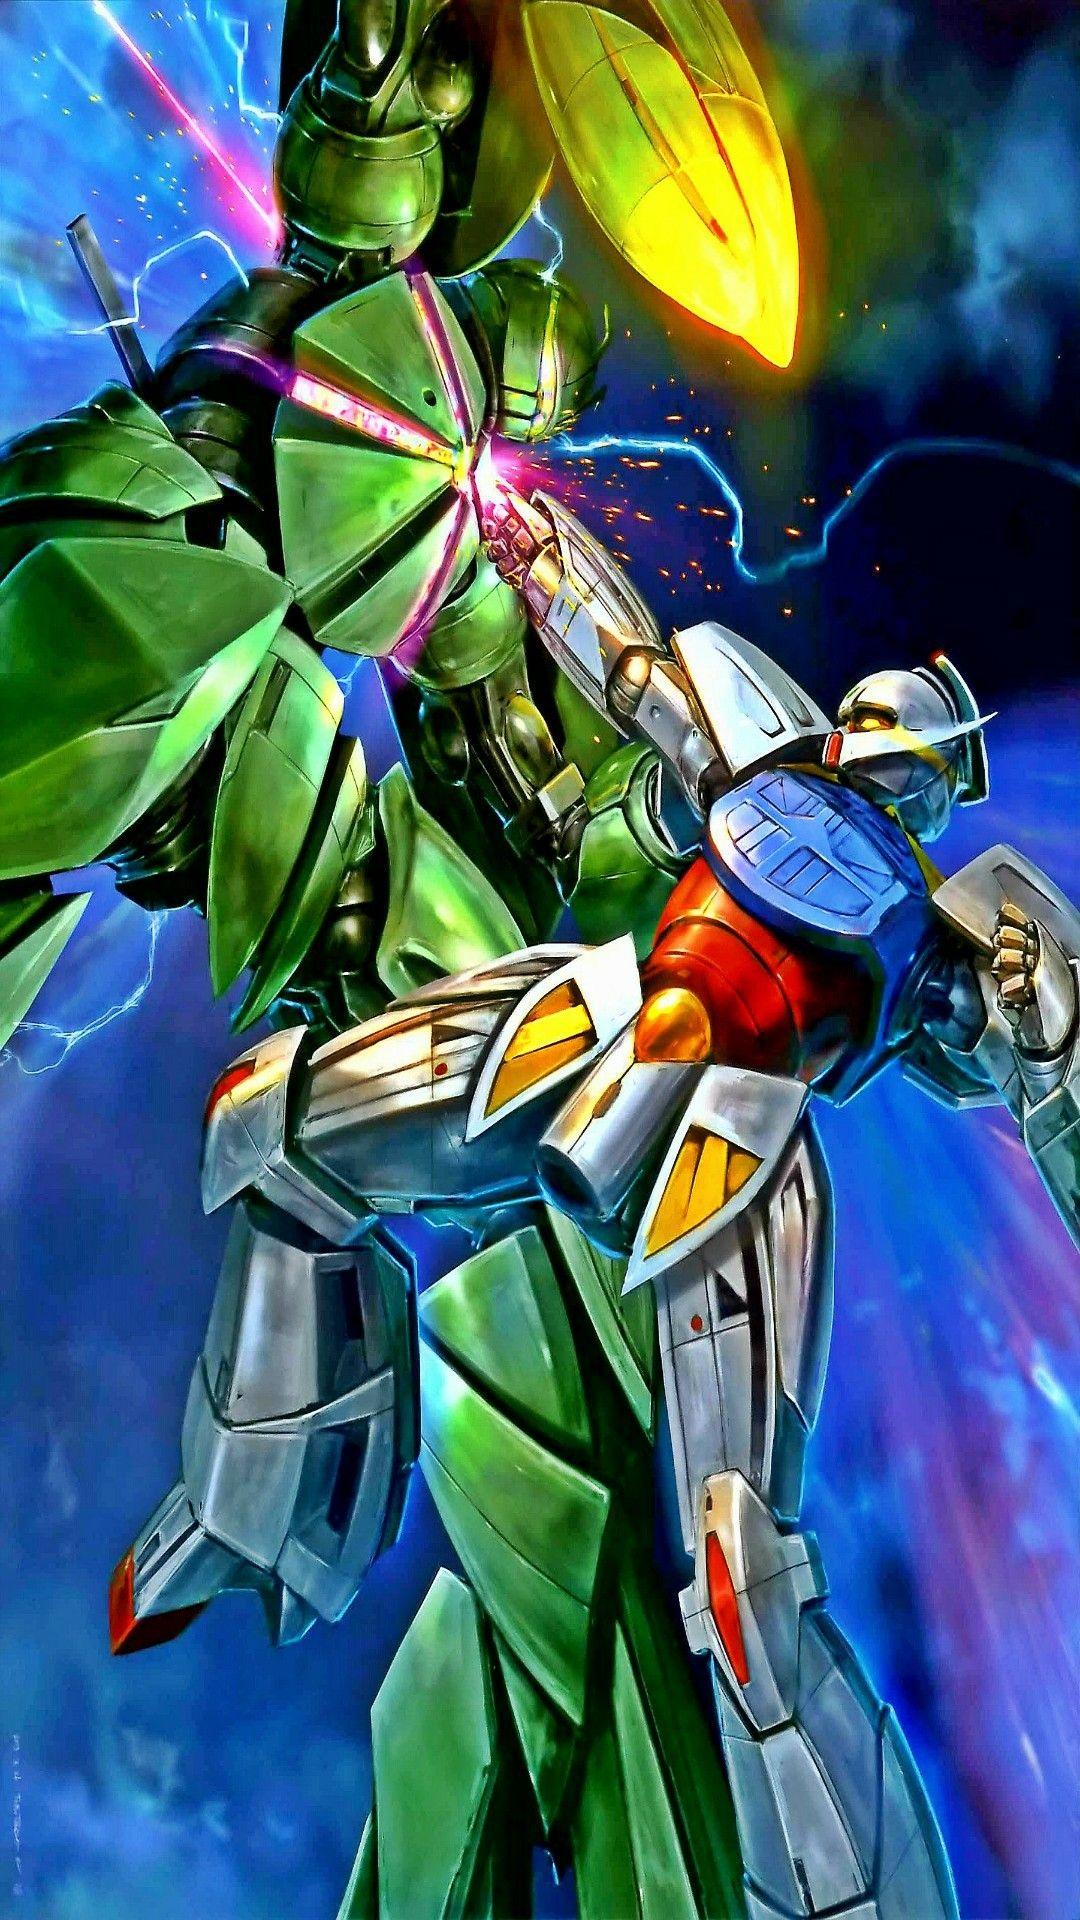 Gundam おしゃれまとめの人気アイデア Pinterest P1p2p3 ガンダム イラスト ガンダム 壁紙